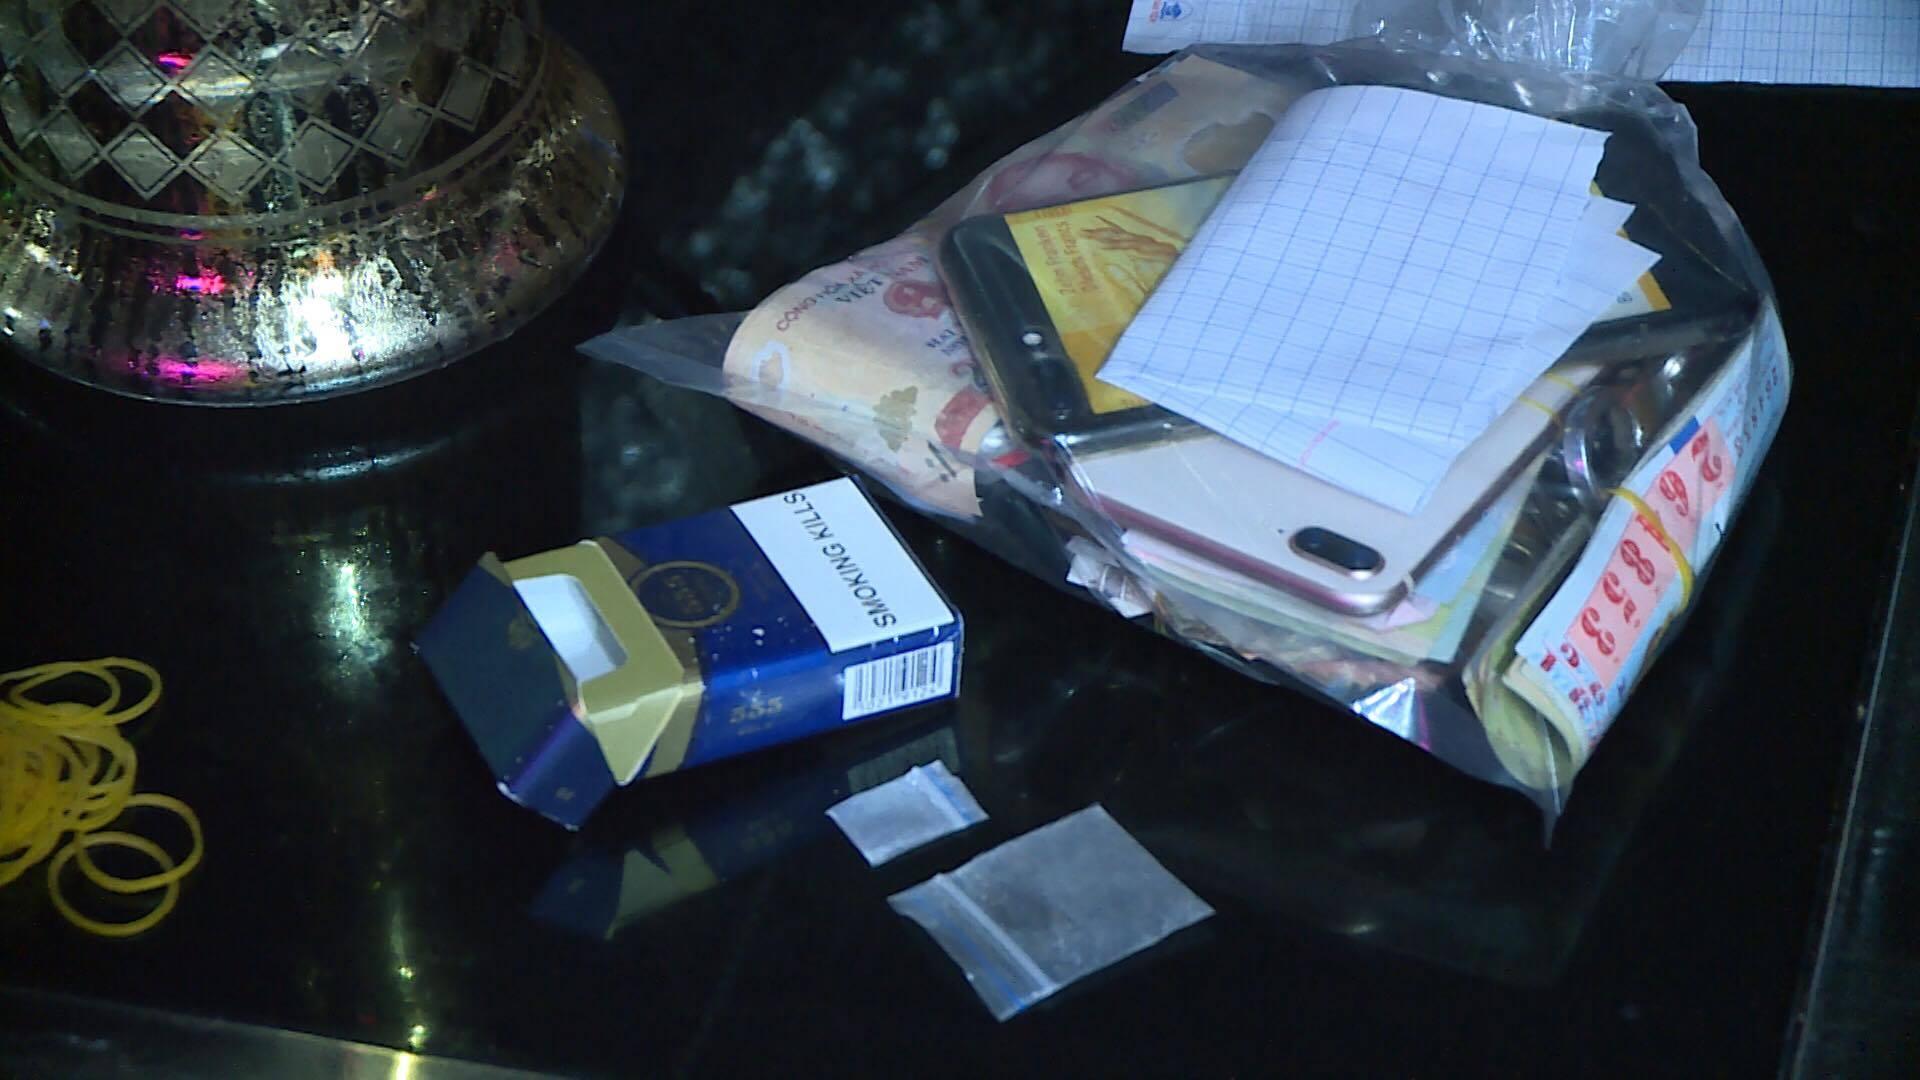 Phát hiện 7 dân chơi dùng ma túy trong quán karaoke lúc nửa đêm - Ảnh 2